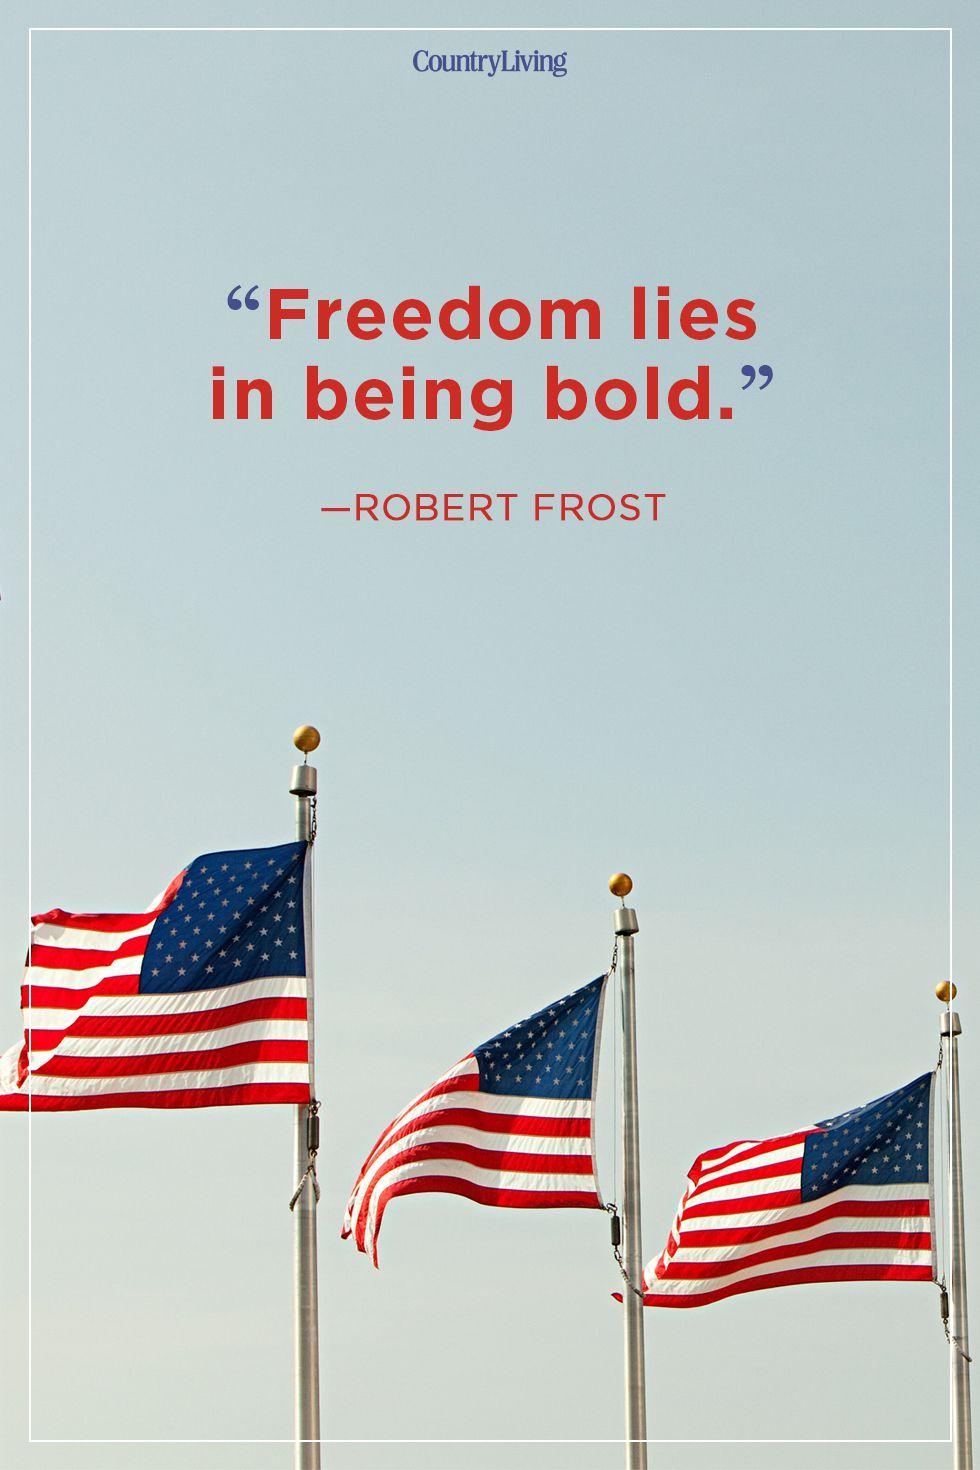 patriotic-quotes-robert-frost-1530542751.jpg